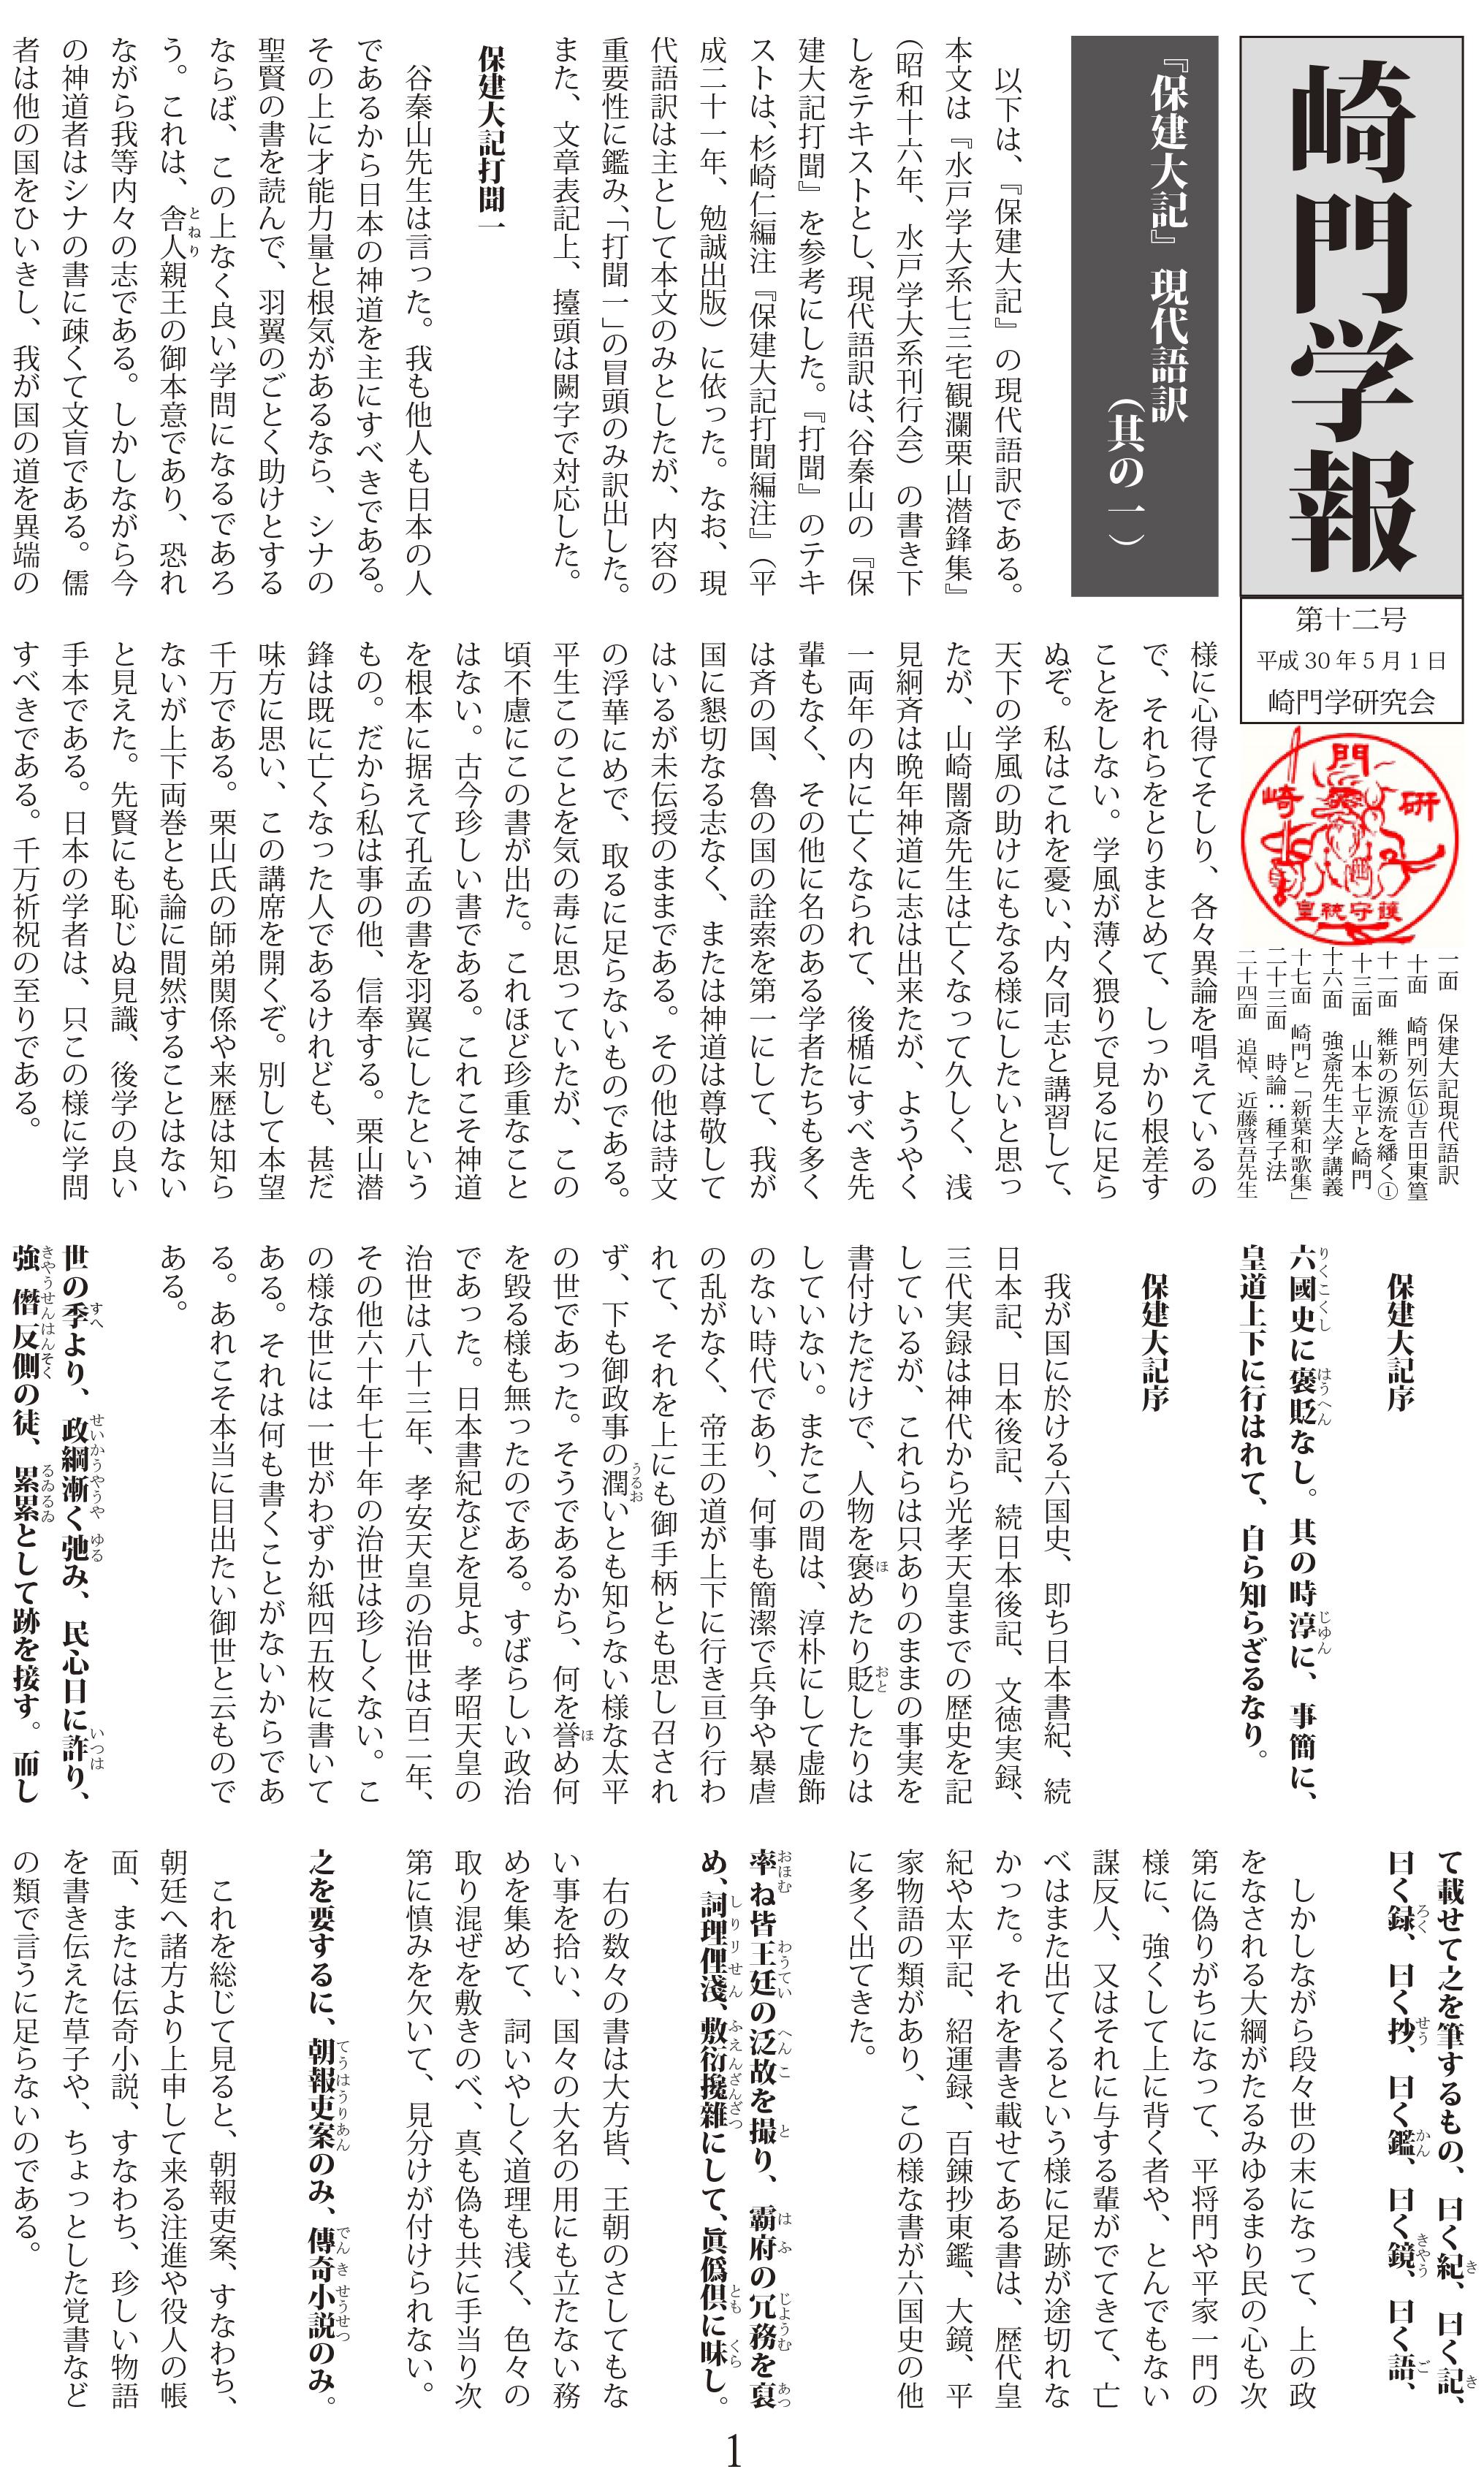 『崎門学報』第12号・ダウンロード販売